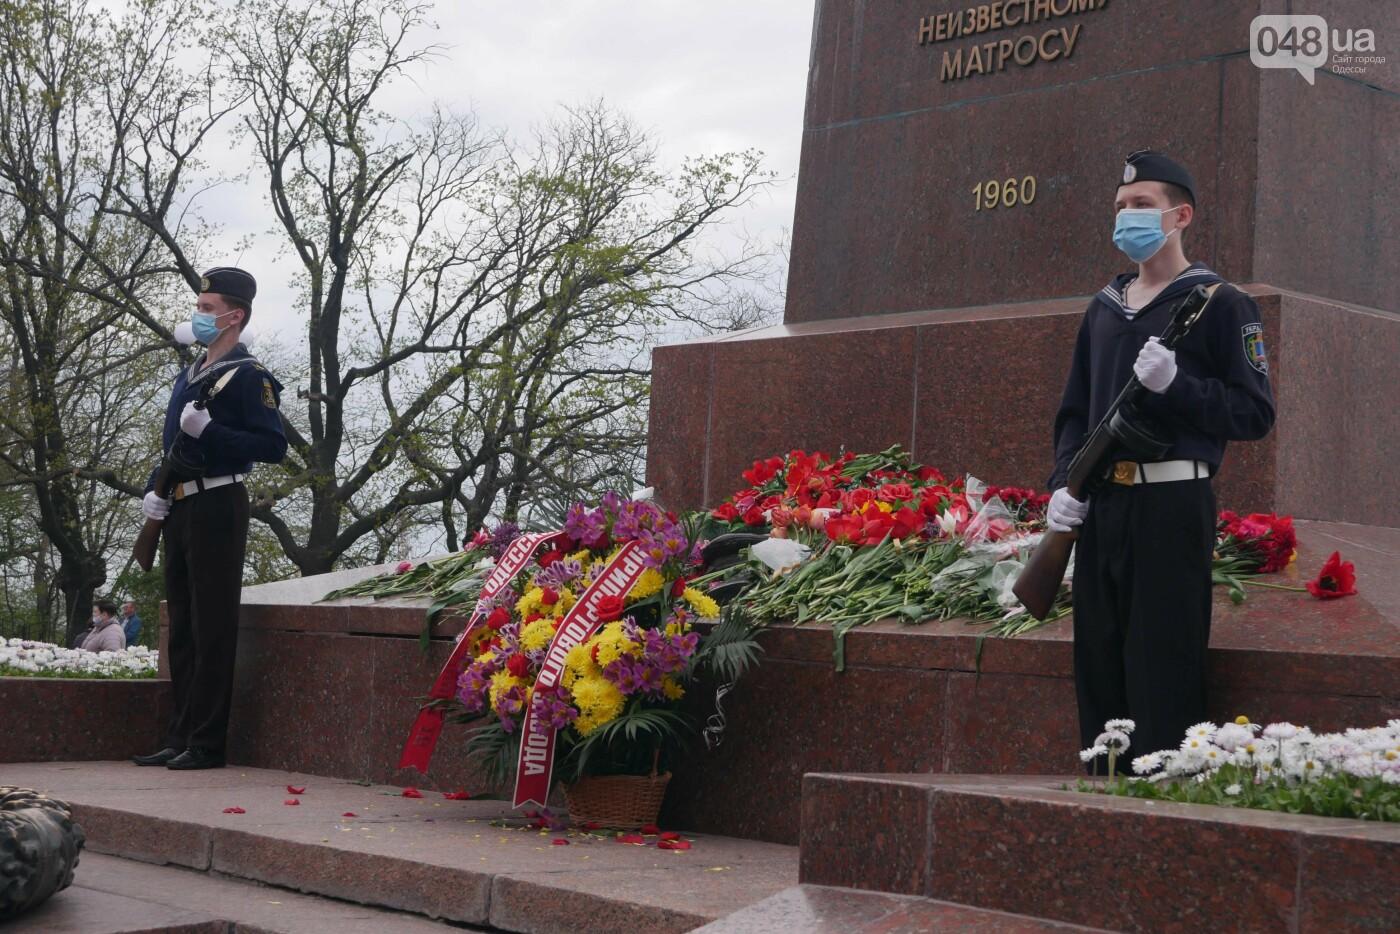 Бантики, гвоздики и маски: как школьники Одессы маршировали ко Дню Победы, - ФОТОРЕПОРТАЖ, фото-30